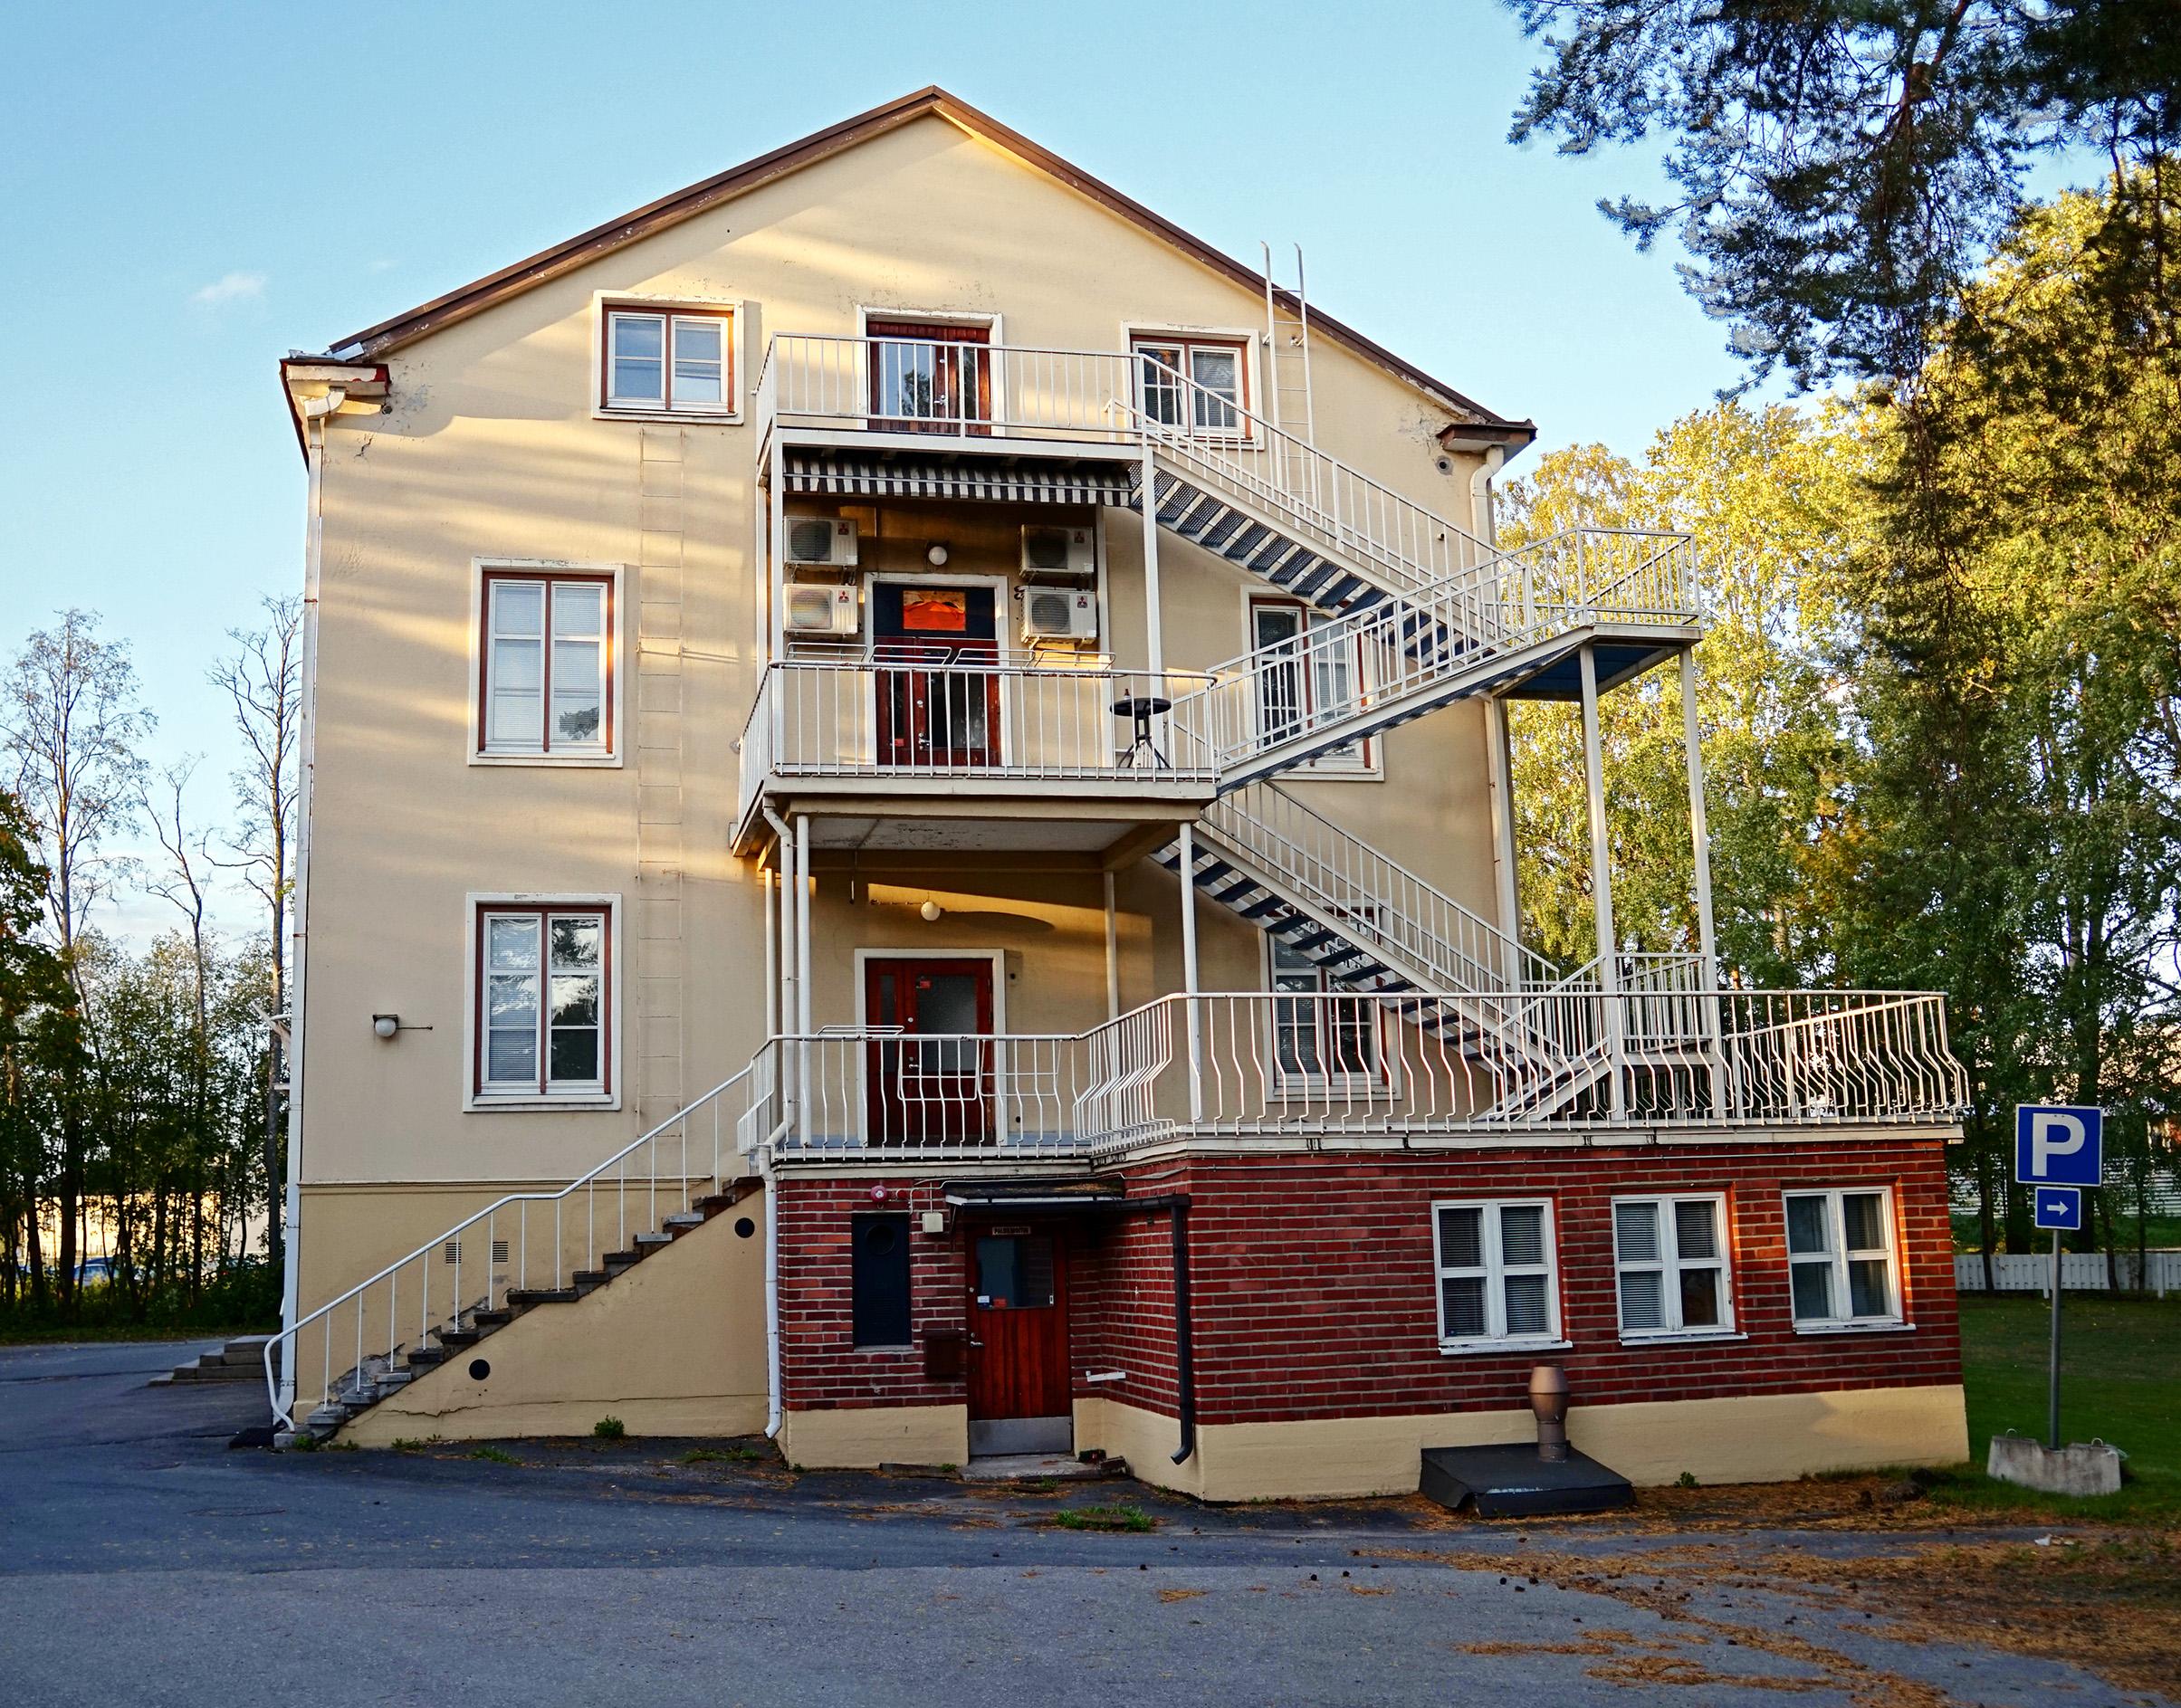 Jyväskylä - Pitkäkatu 1A.jpg